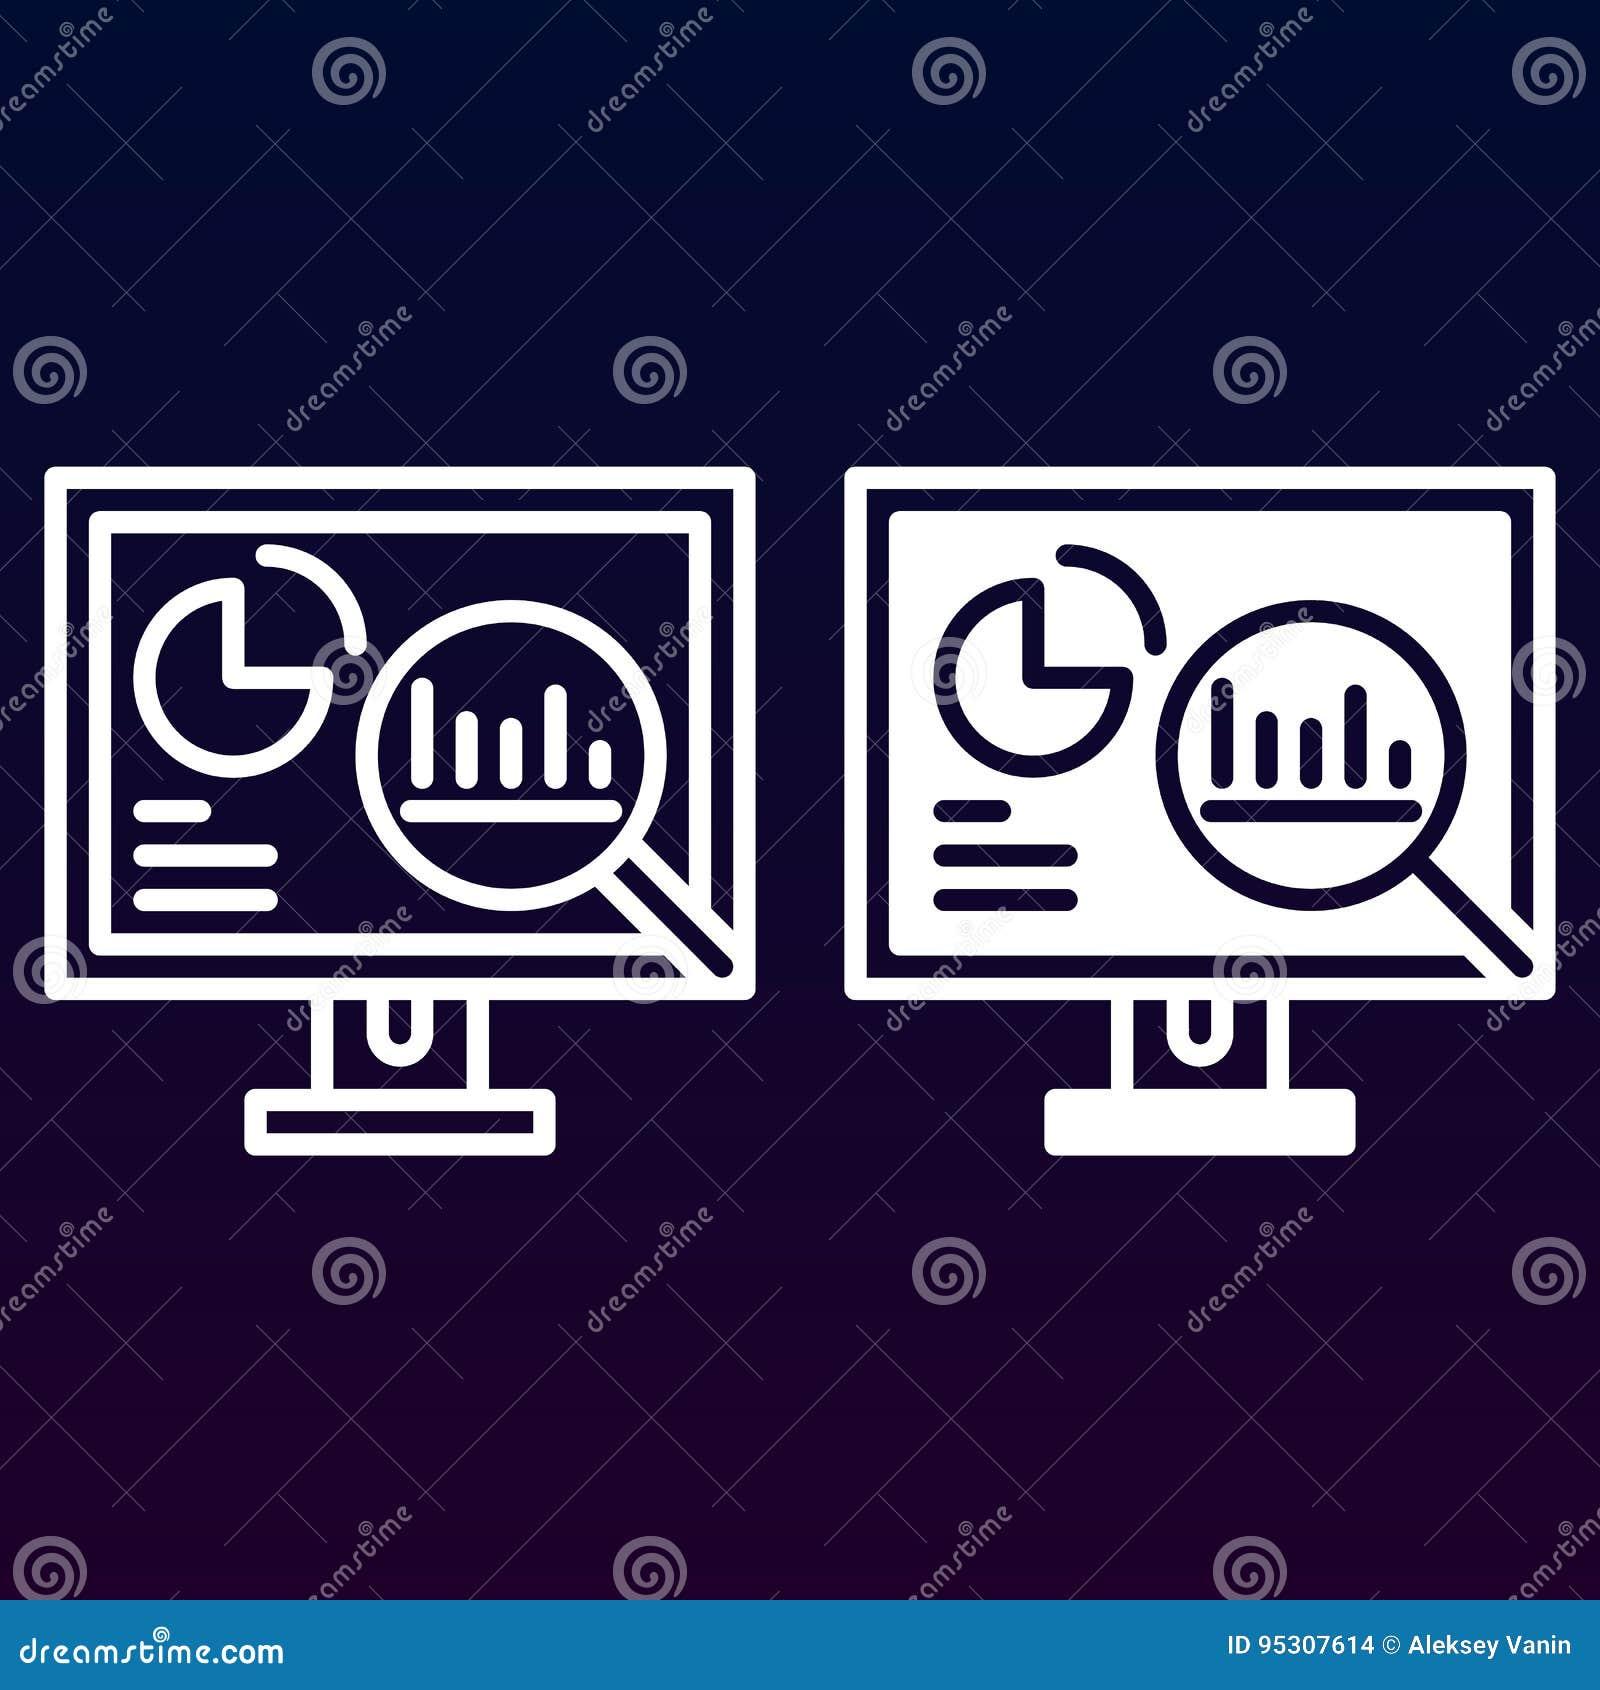 Analytik, Arbeitsplatzrechner mit Diagrammen zeichnet und feste Ikone, umreißt und füllte das Vektorzeichen-, lineares und volles